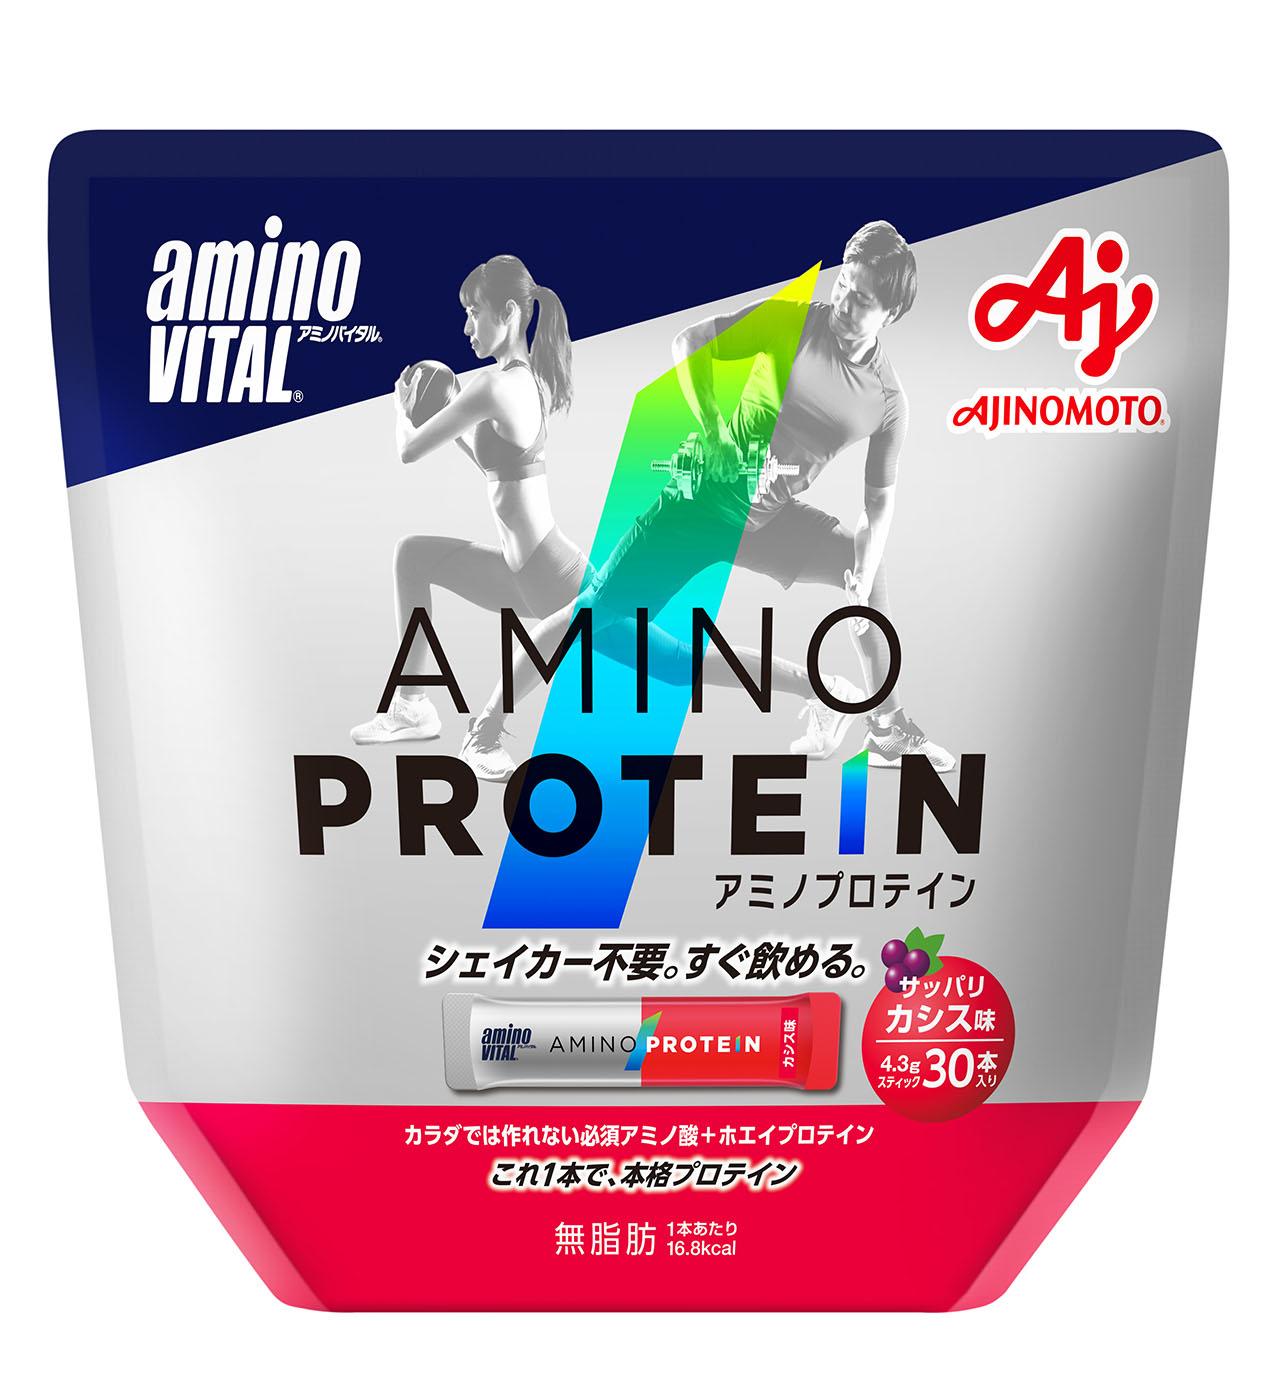 味の素株式会社 アミノバイタルⓇ アミノプロテイン カシス味 30本入パウチ